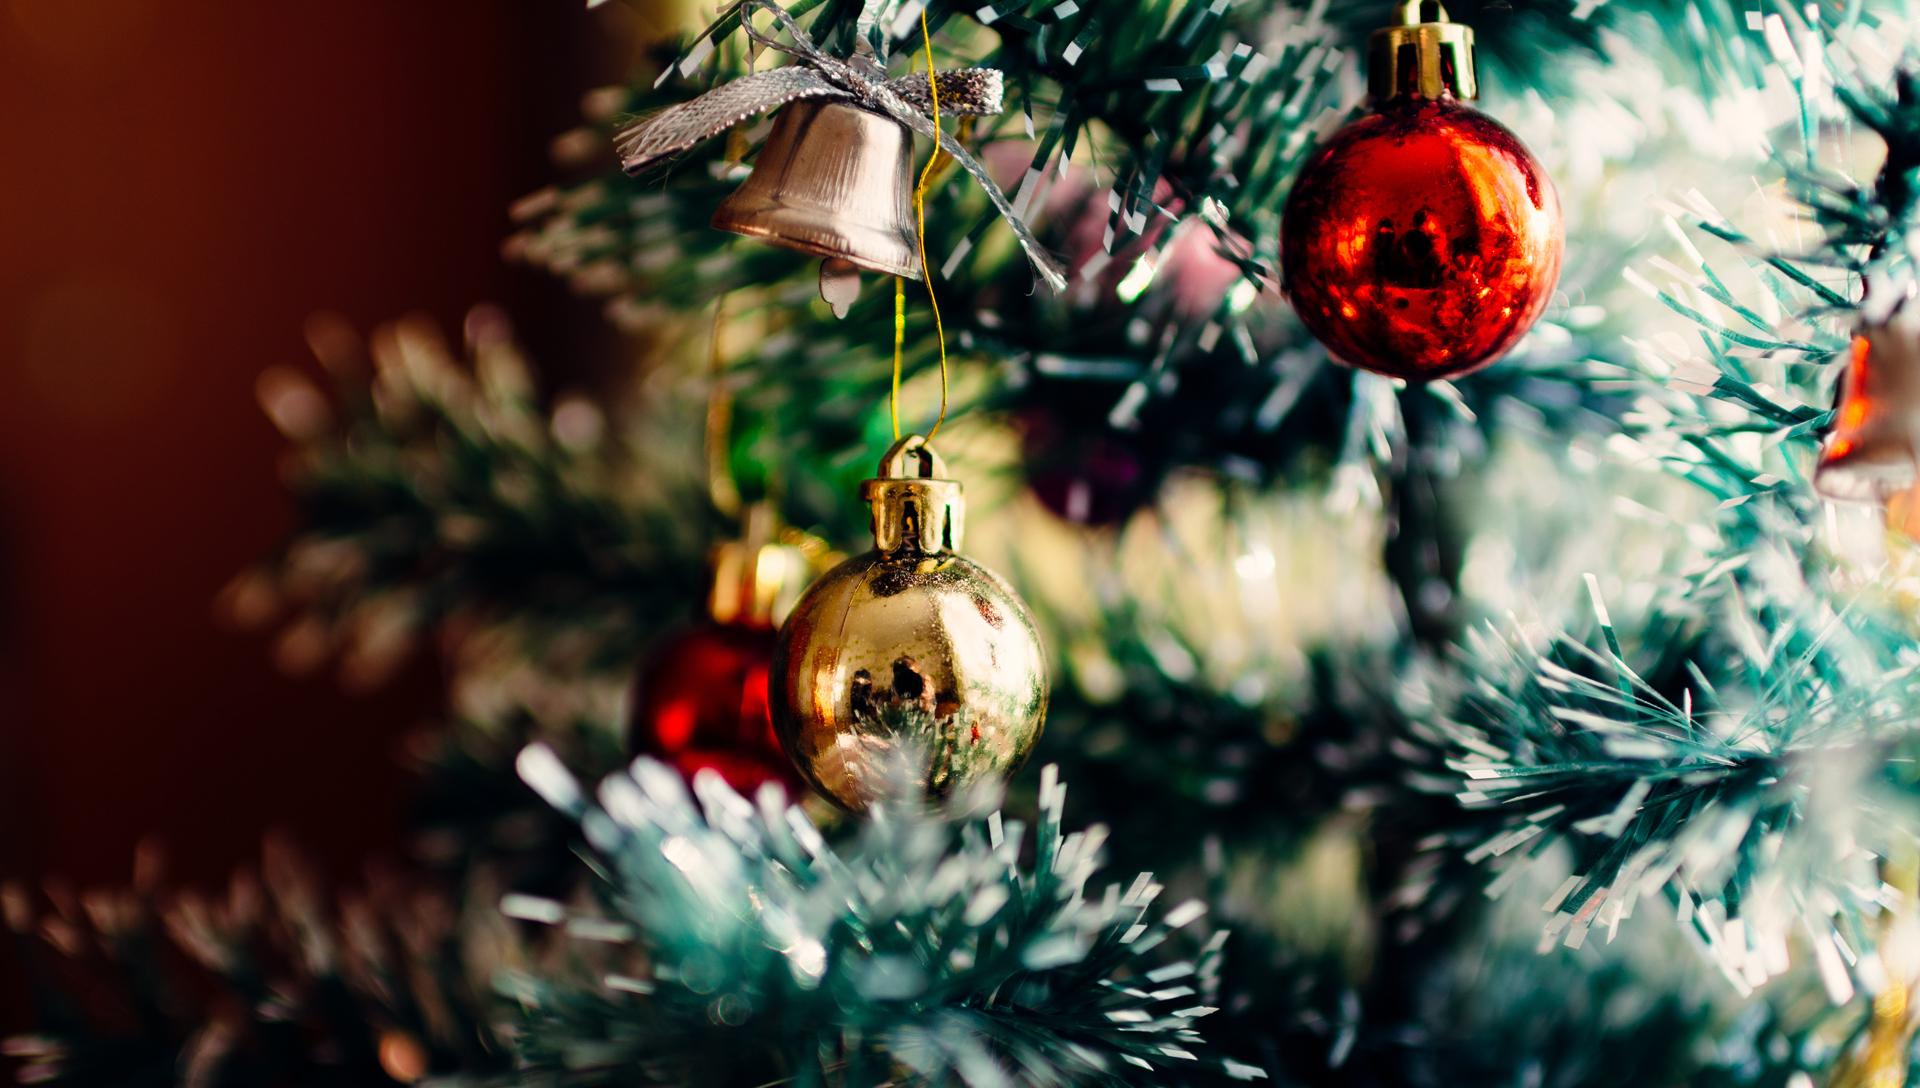 ozdoby na vánočním stromečku